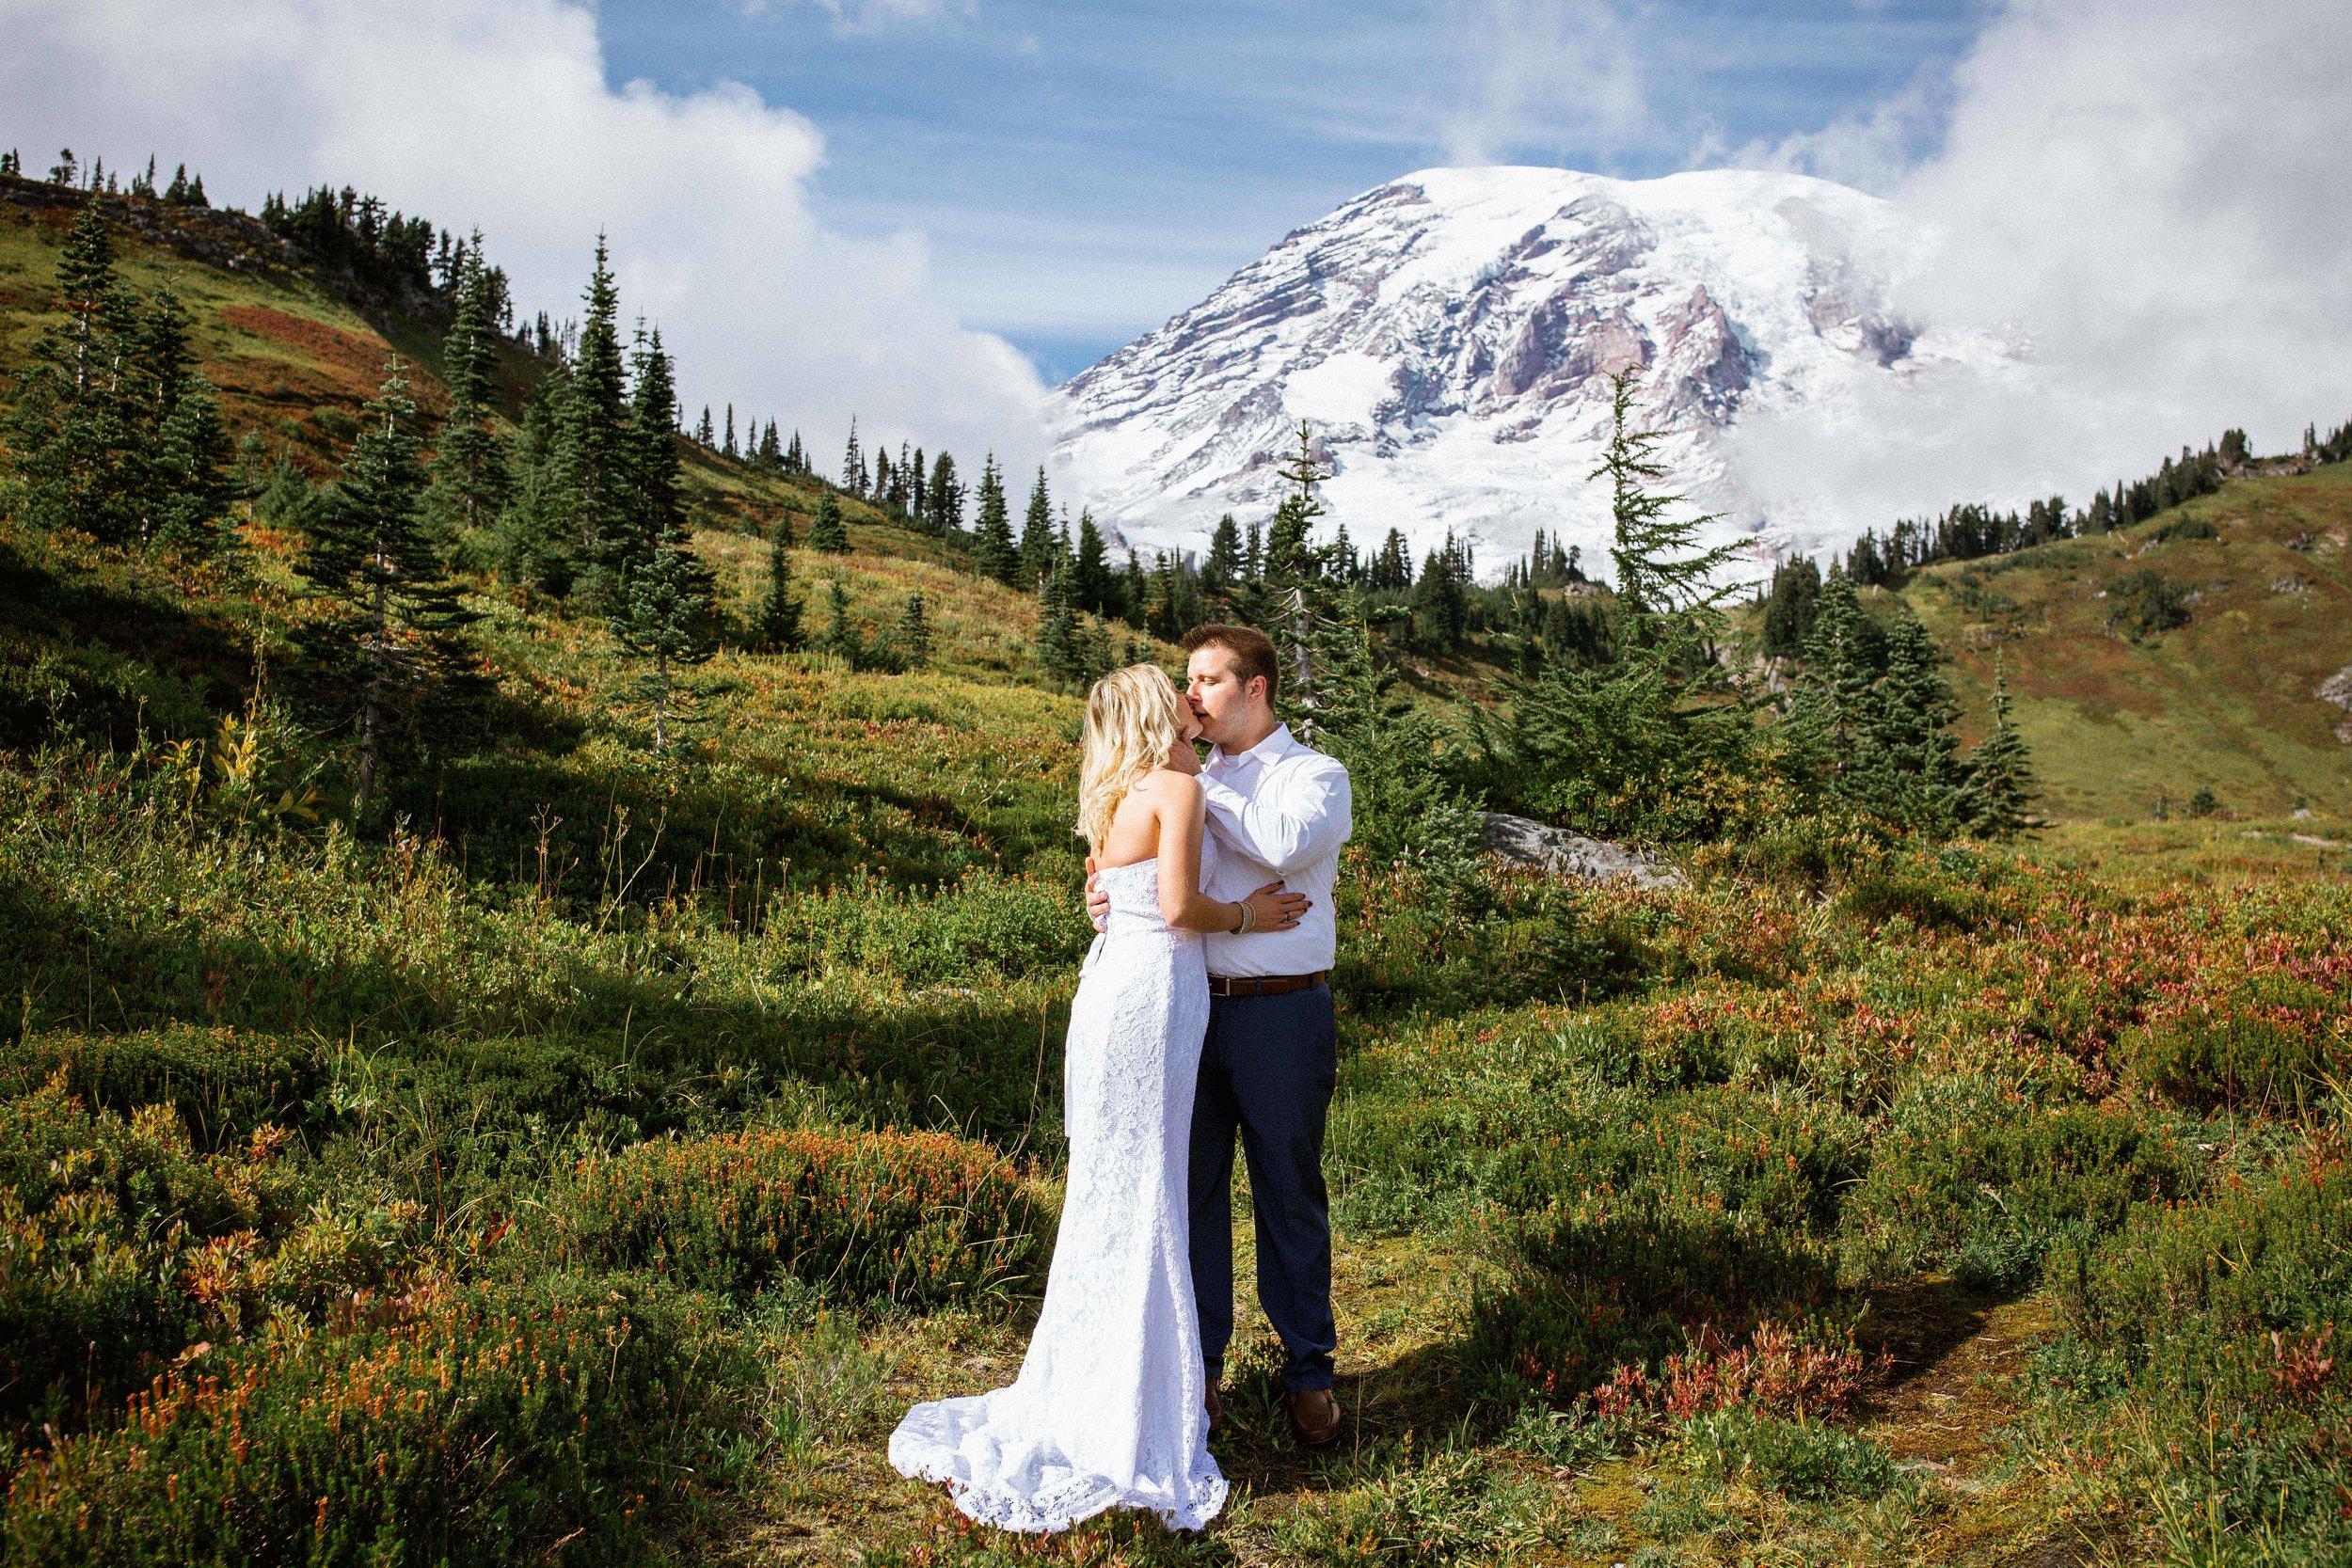 mtrainier-wedding-photographer-24.jpg